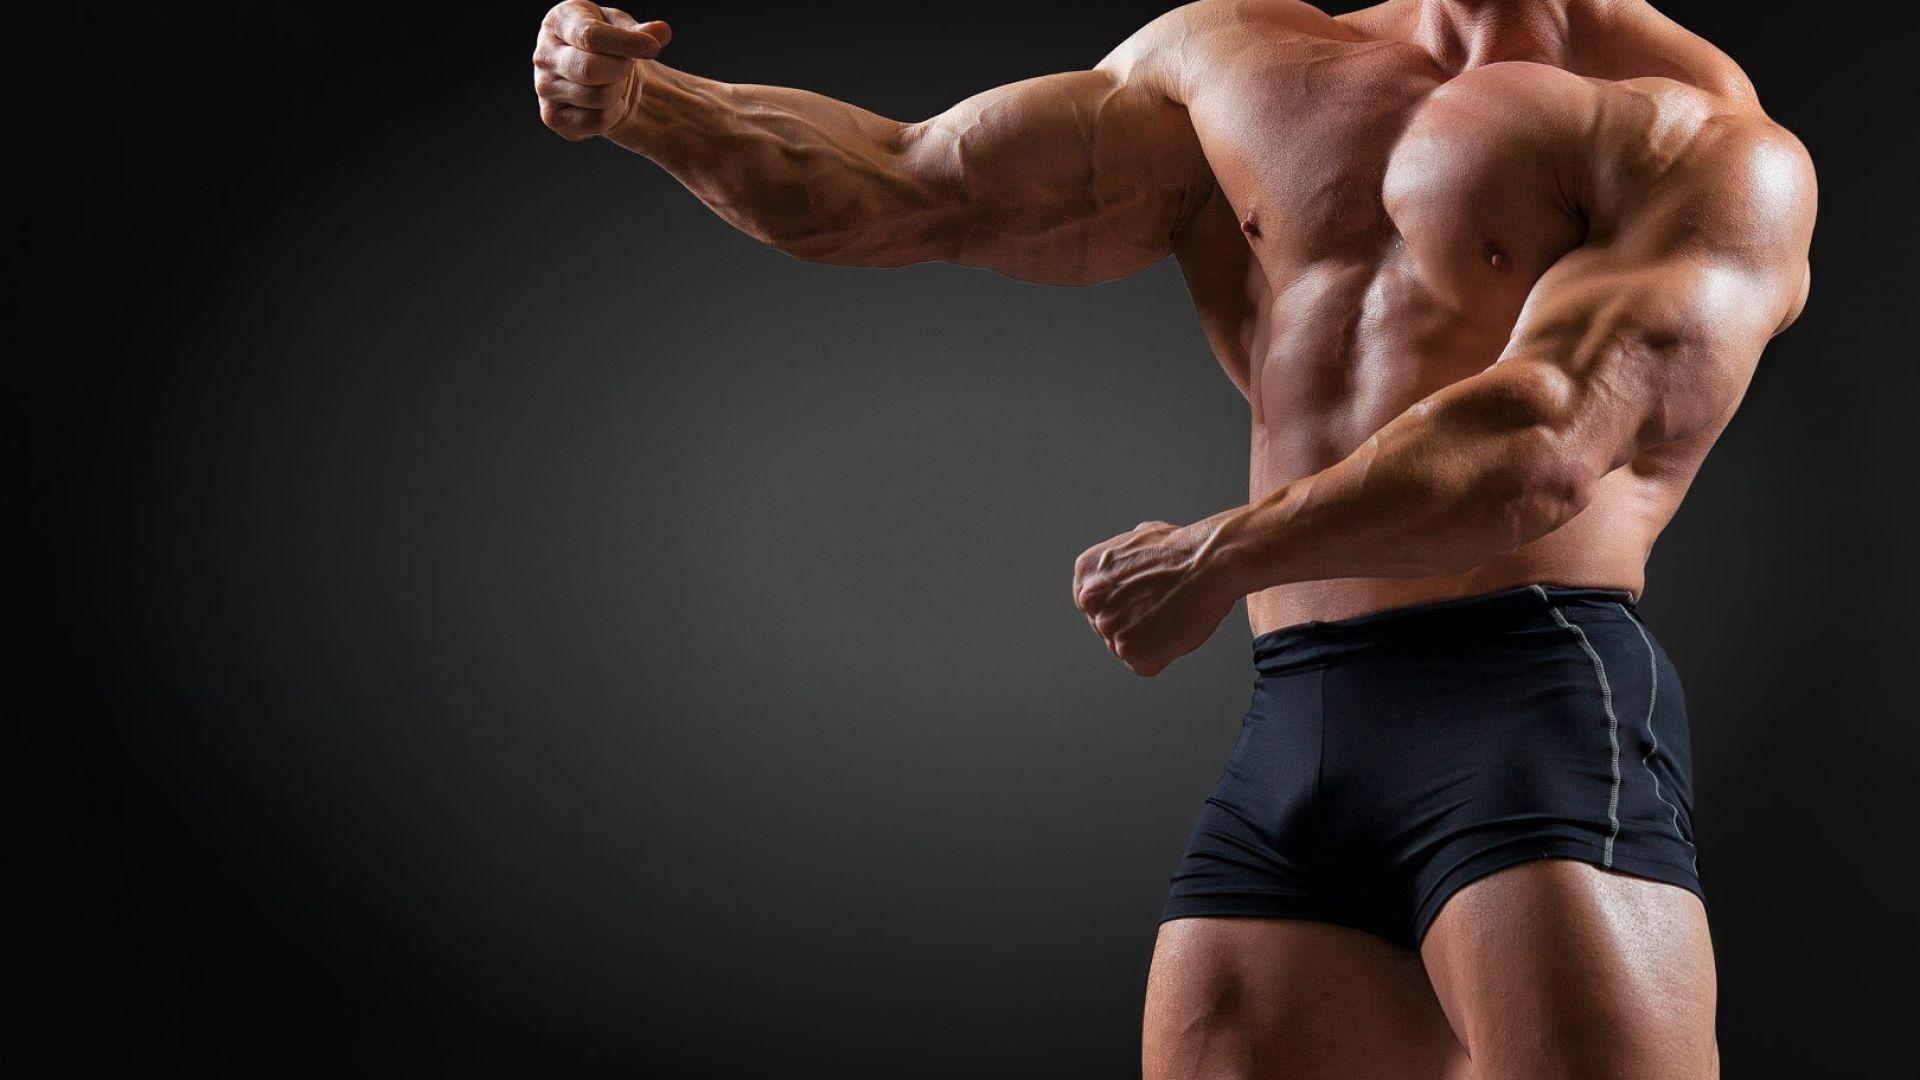 Загубата на всеки 5 кг при мъжете отнема от 1 до 3 см от пениса им